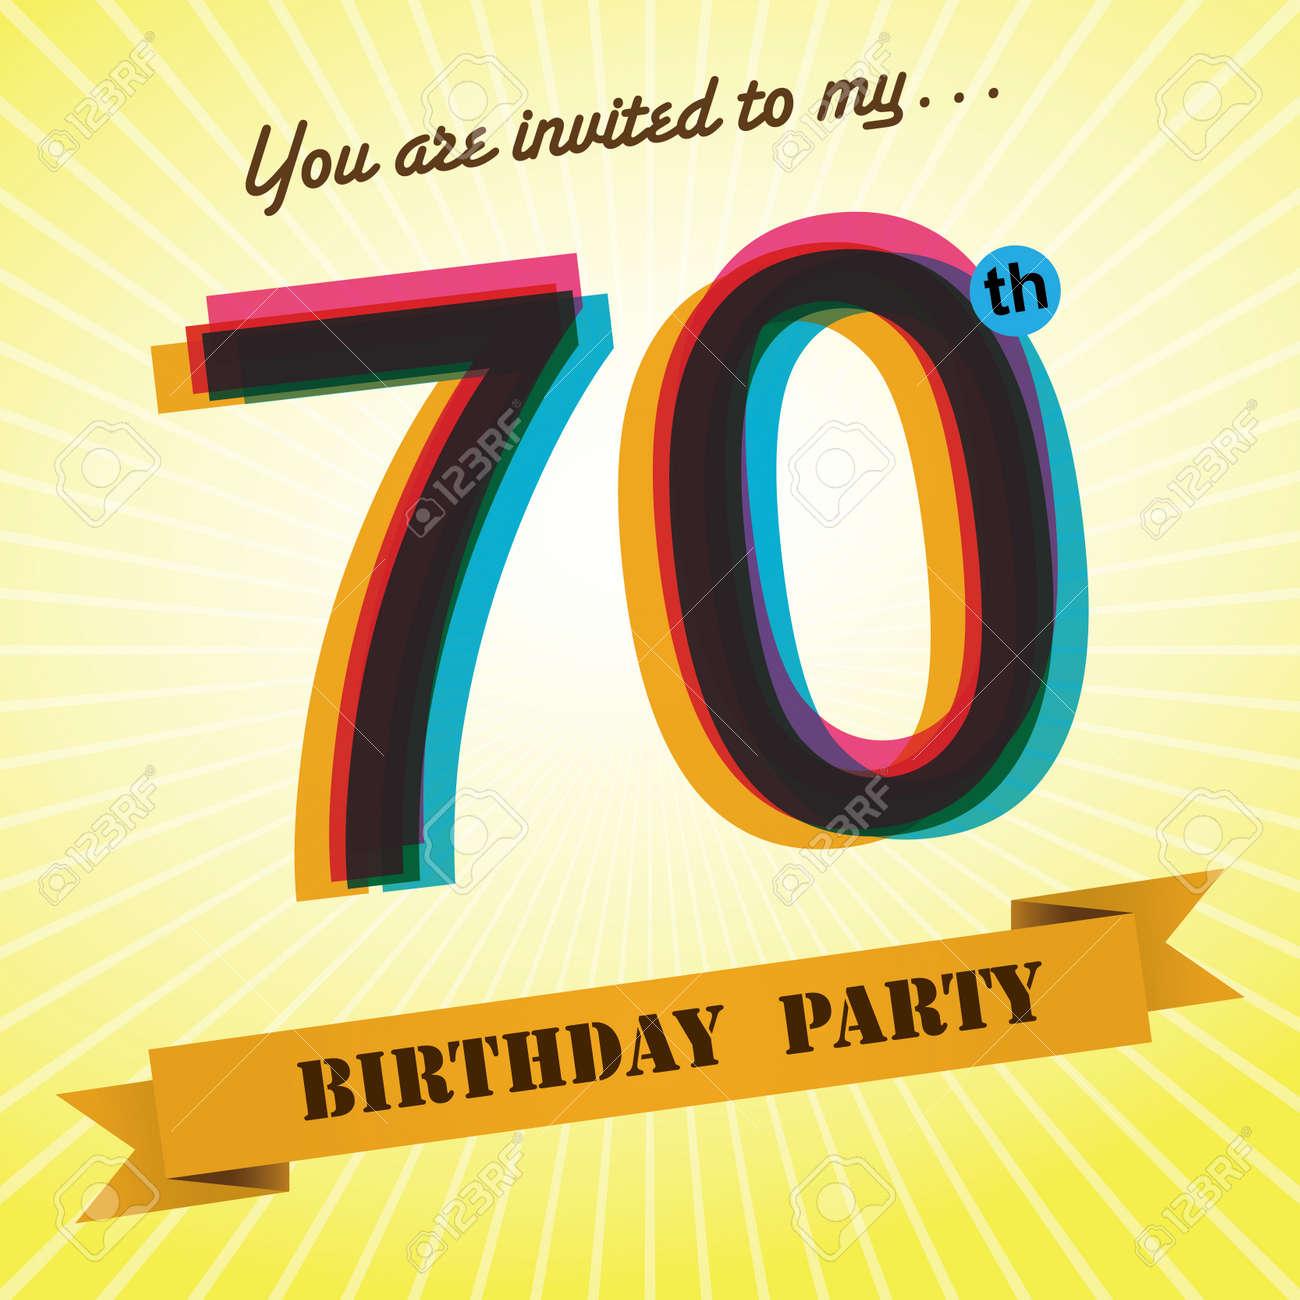 70th Birthday Party Invite Template Design Retro Style